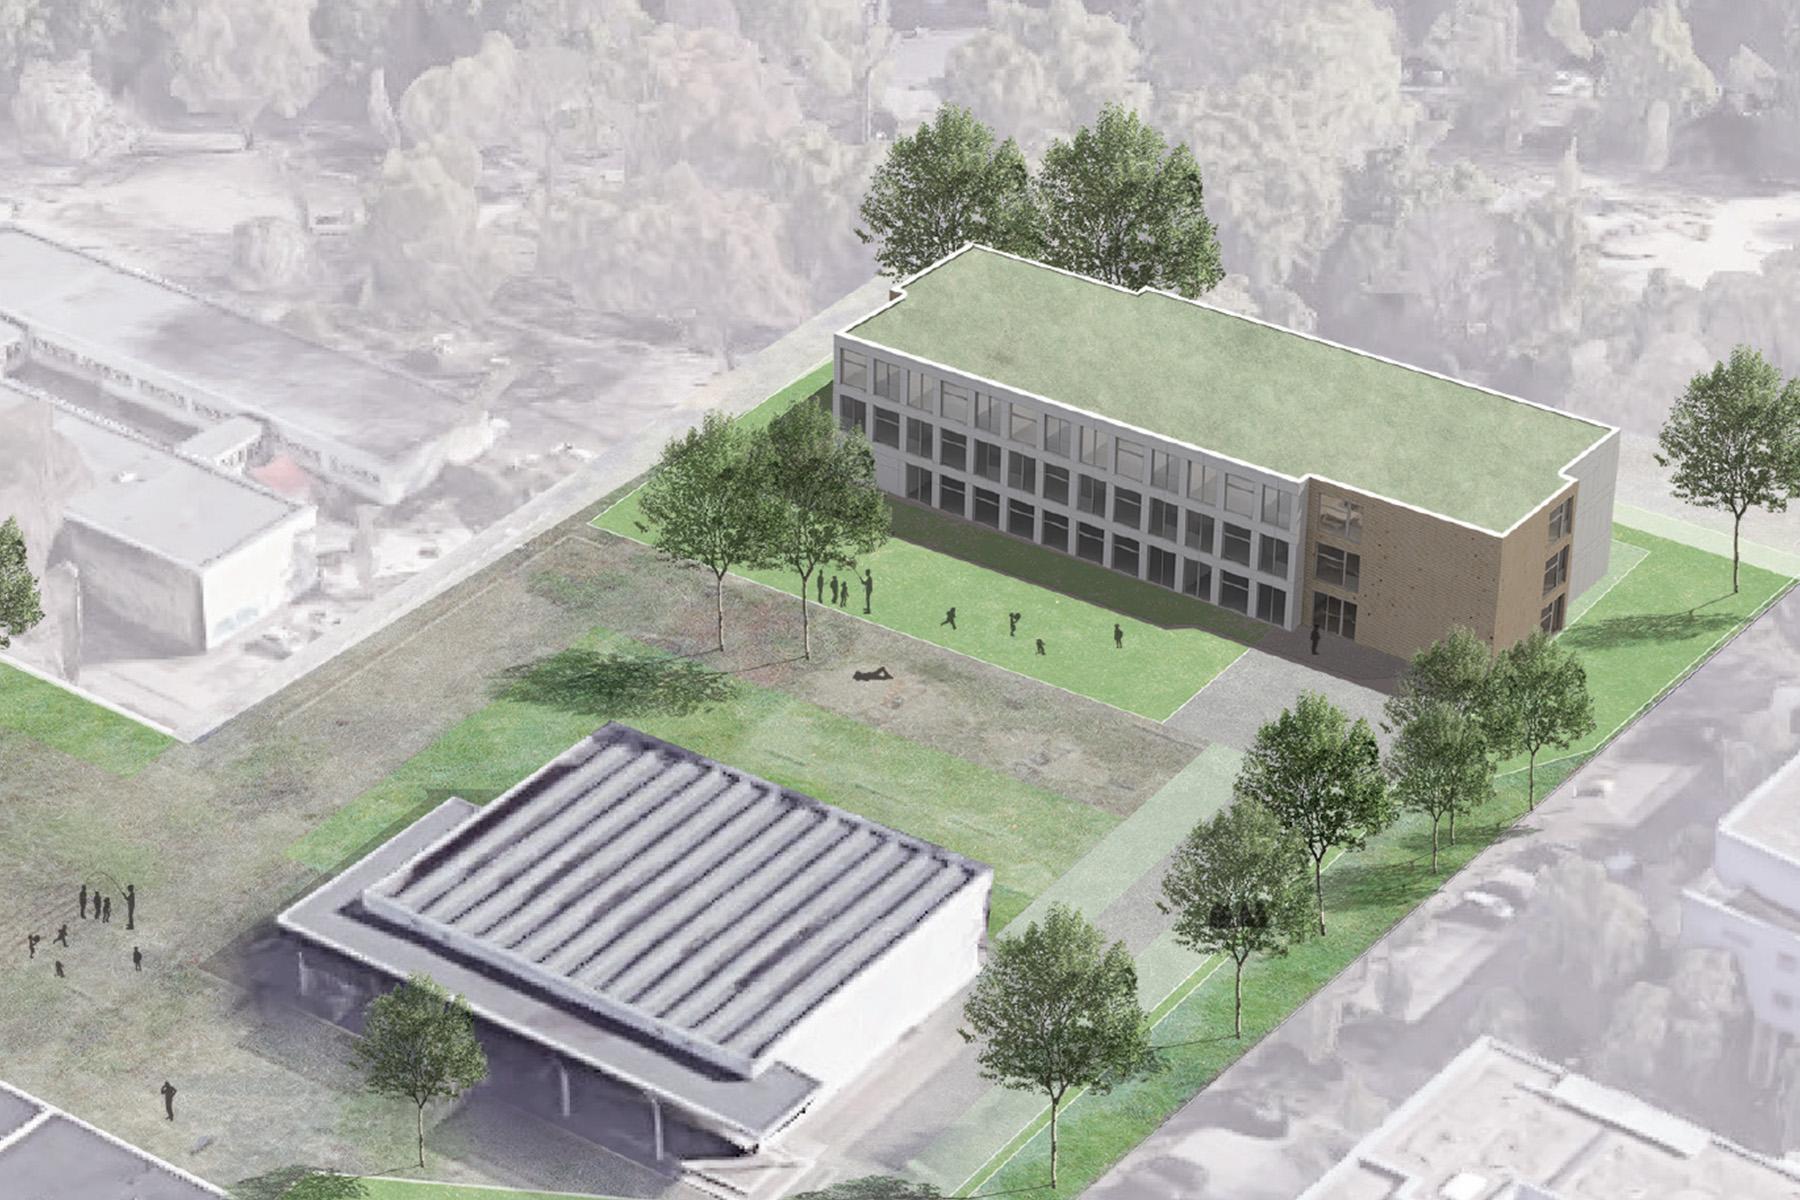 Schulgebäude in Holzmodul-Bauweise. Standortbeispiel: Bernhard-Grzimek-Schule Lichtenberg